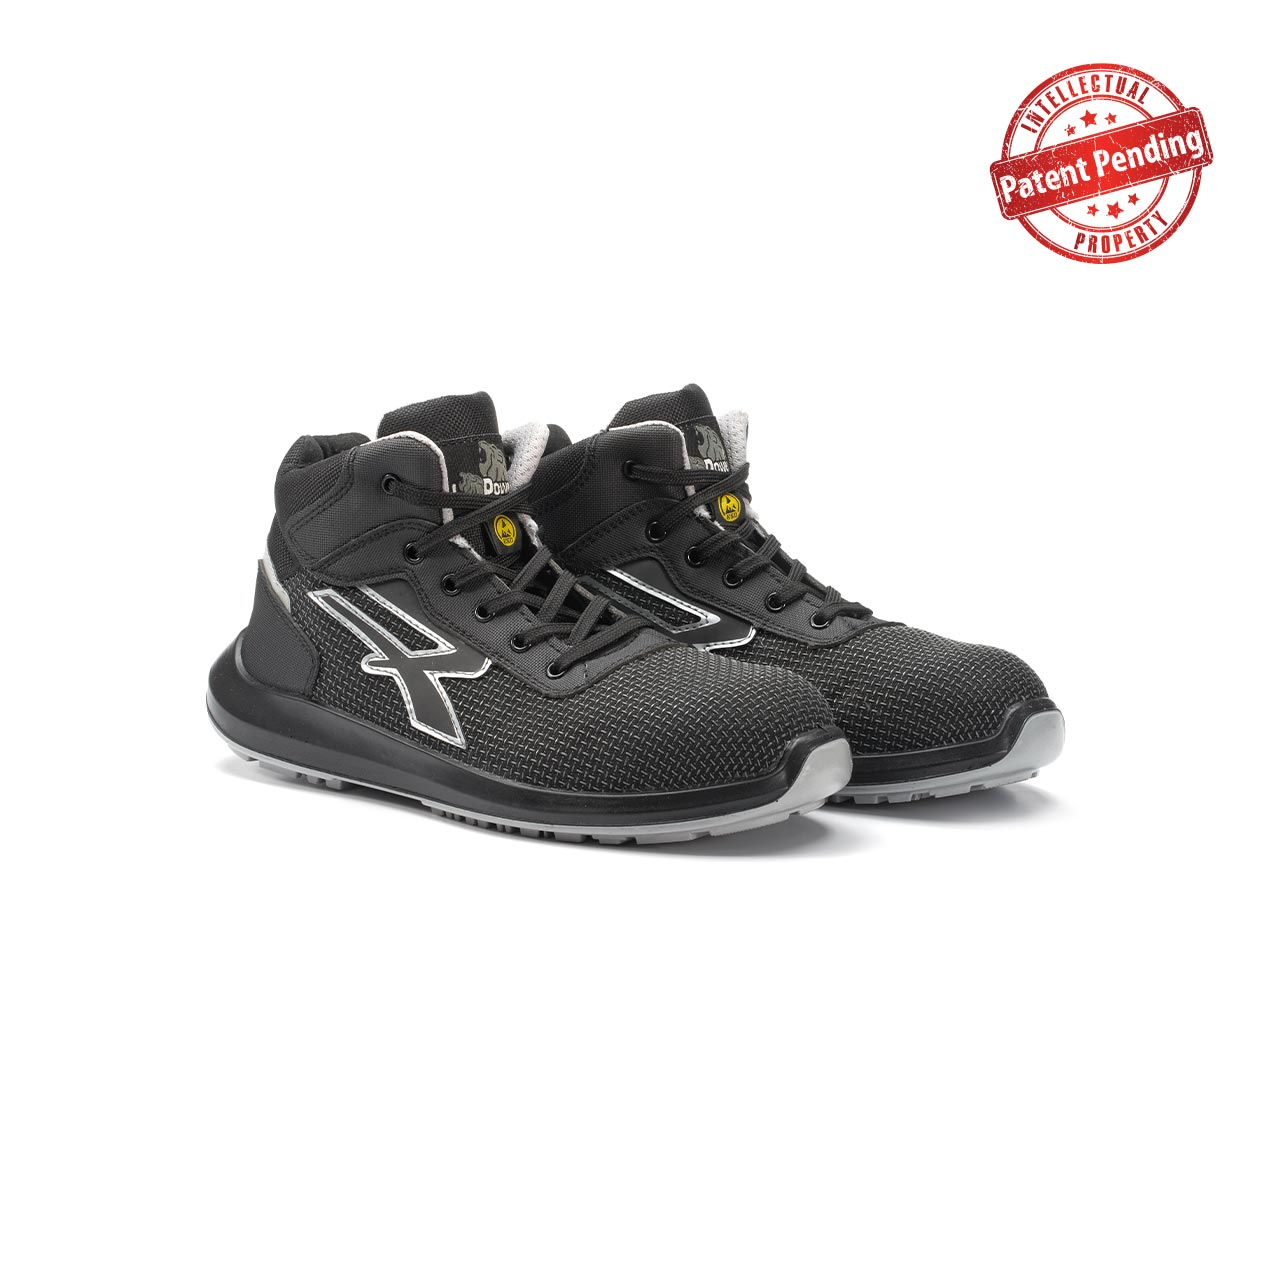 paio di scarpe antinfortunistiche alte upower modello velar linea redup vista prospettica